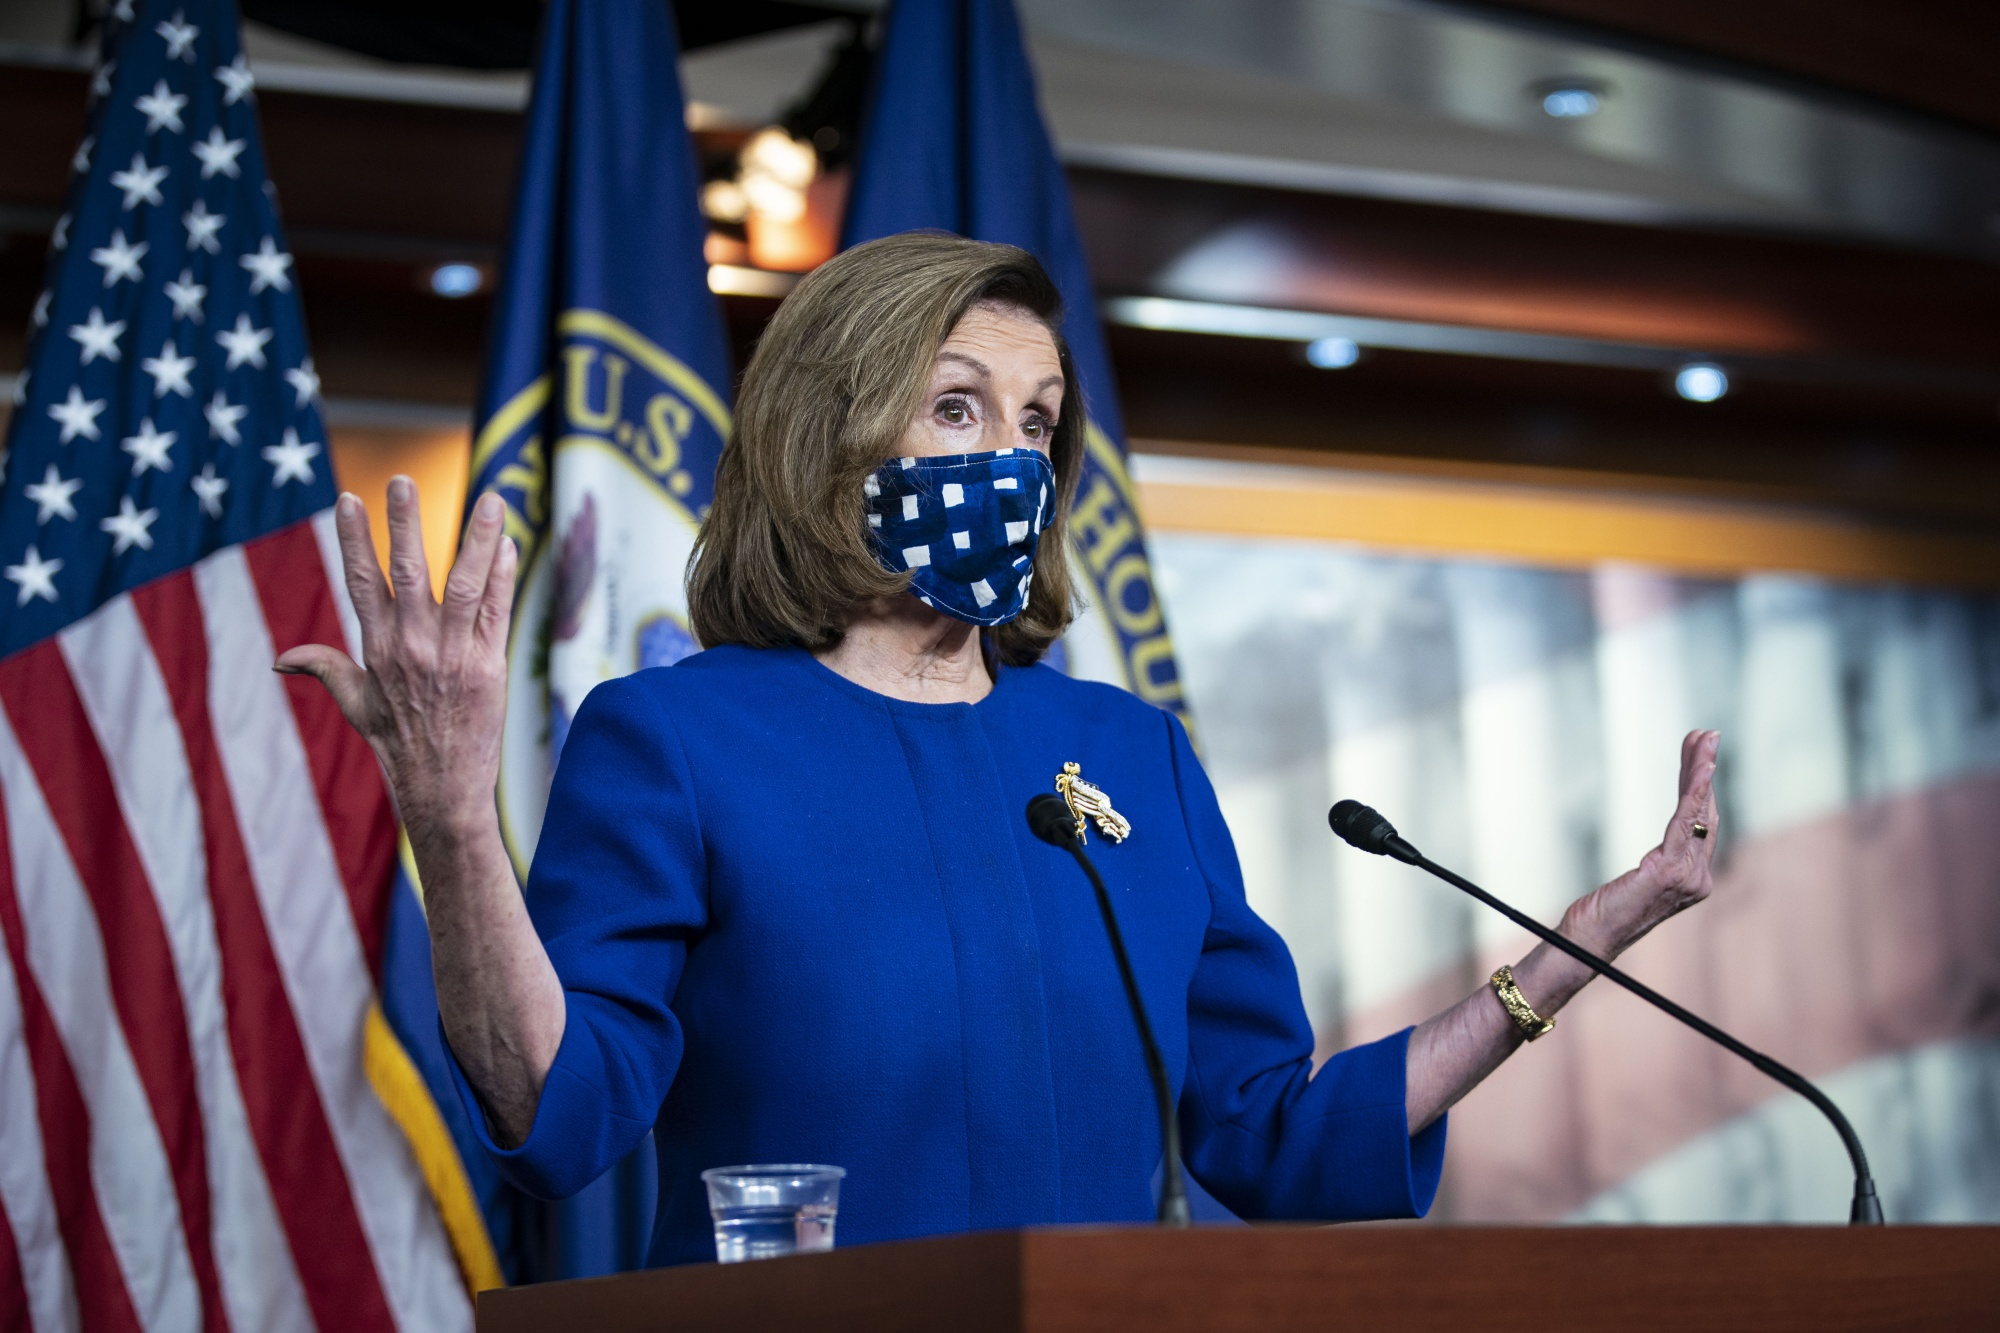 Nancy Pelosi at the U.S. CapitolonOct. 22.